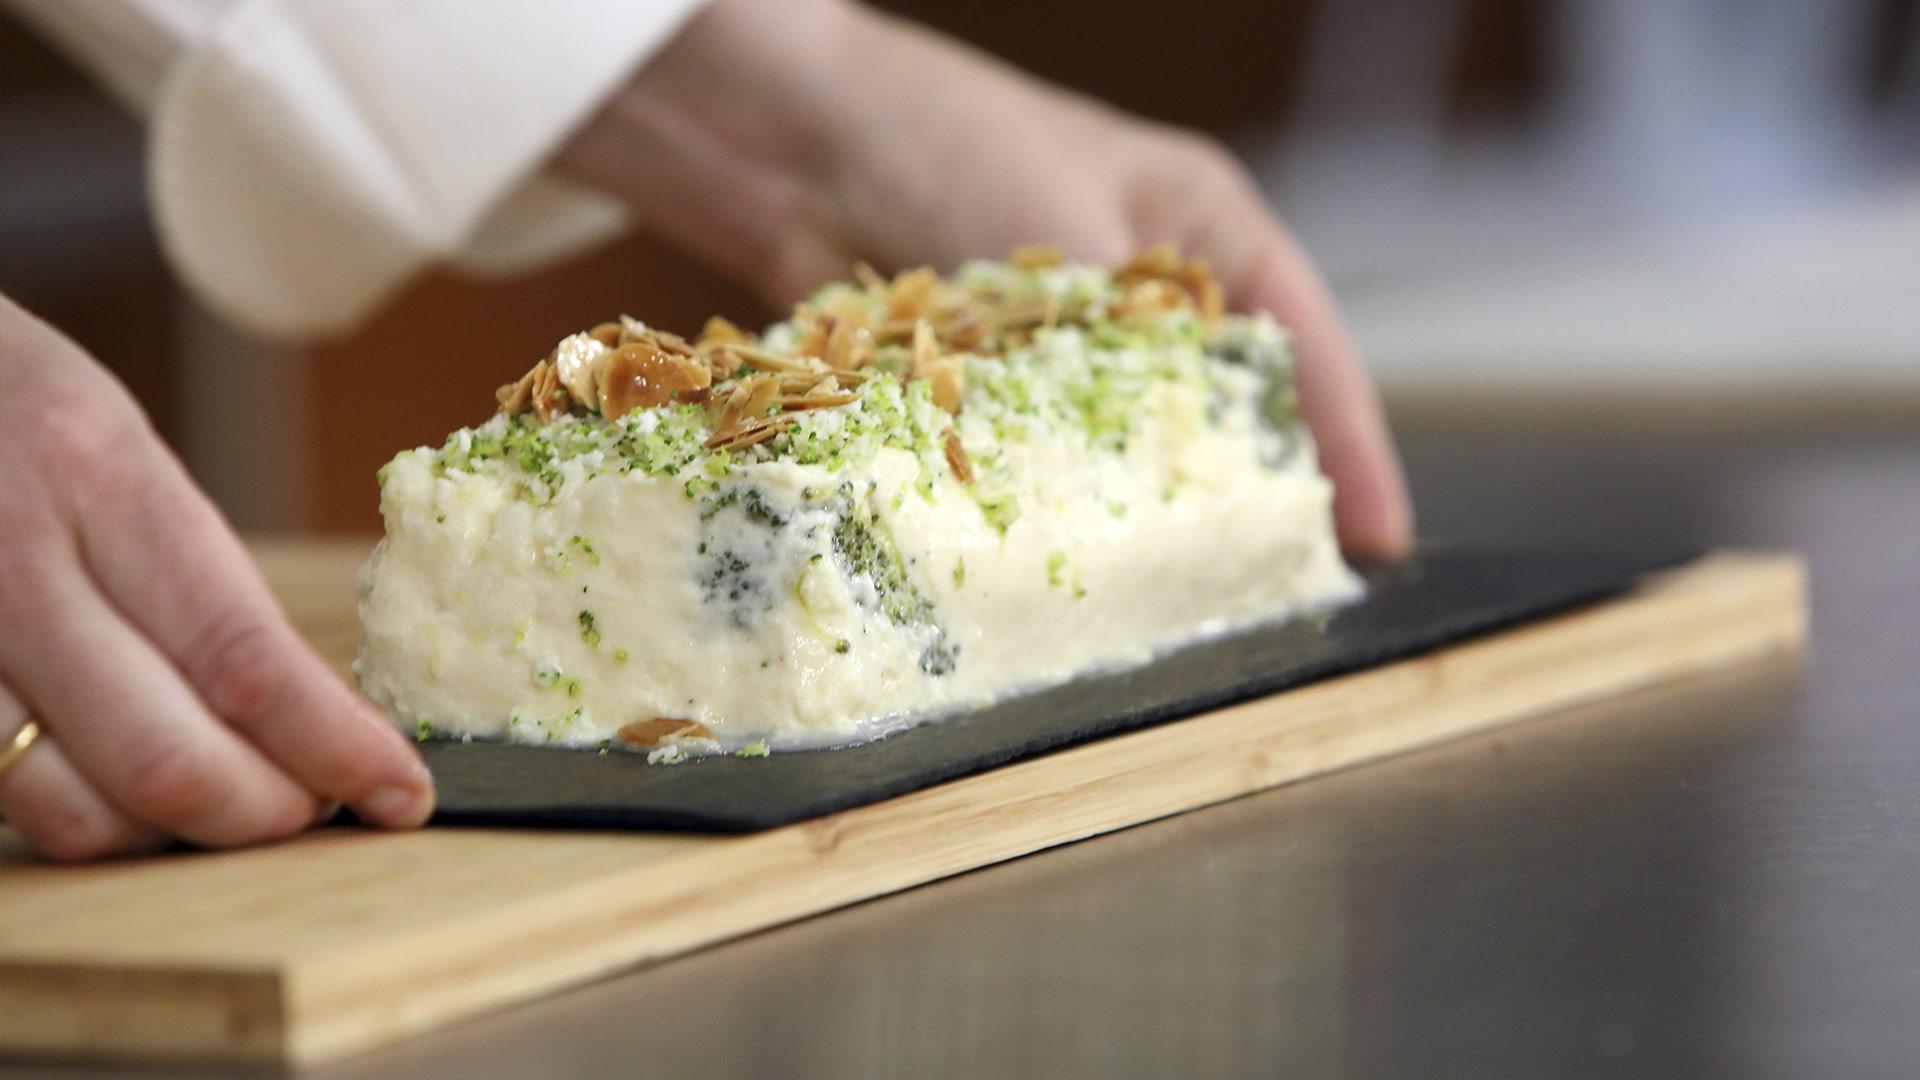 Saludable pastel ycous-cousde verduras llenos de vitaminas y minerales